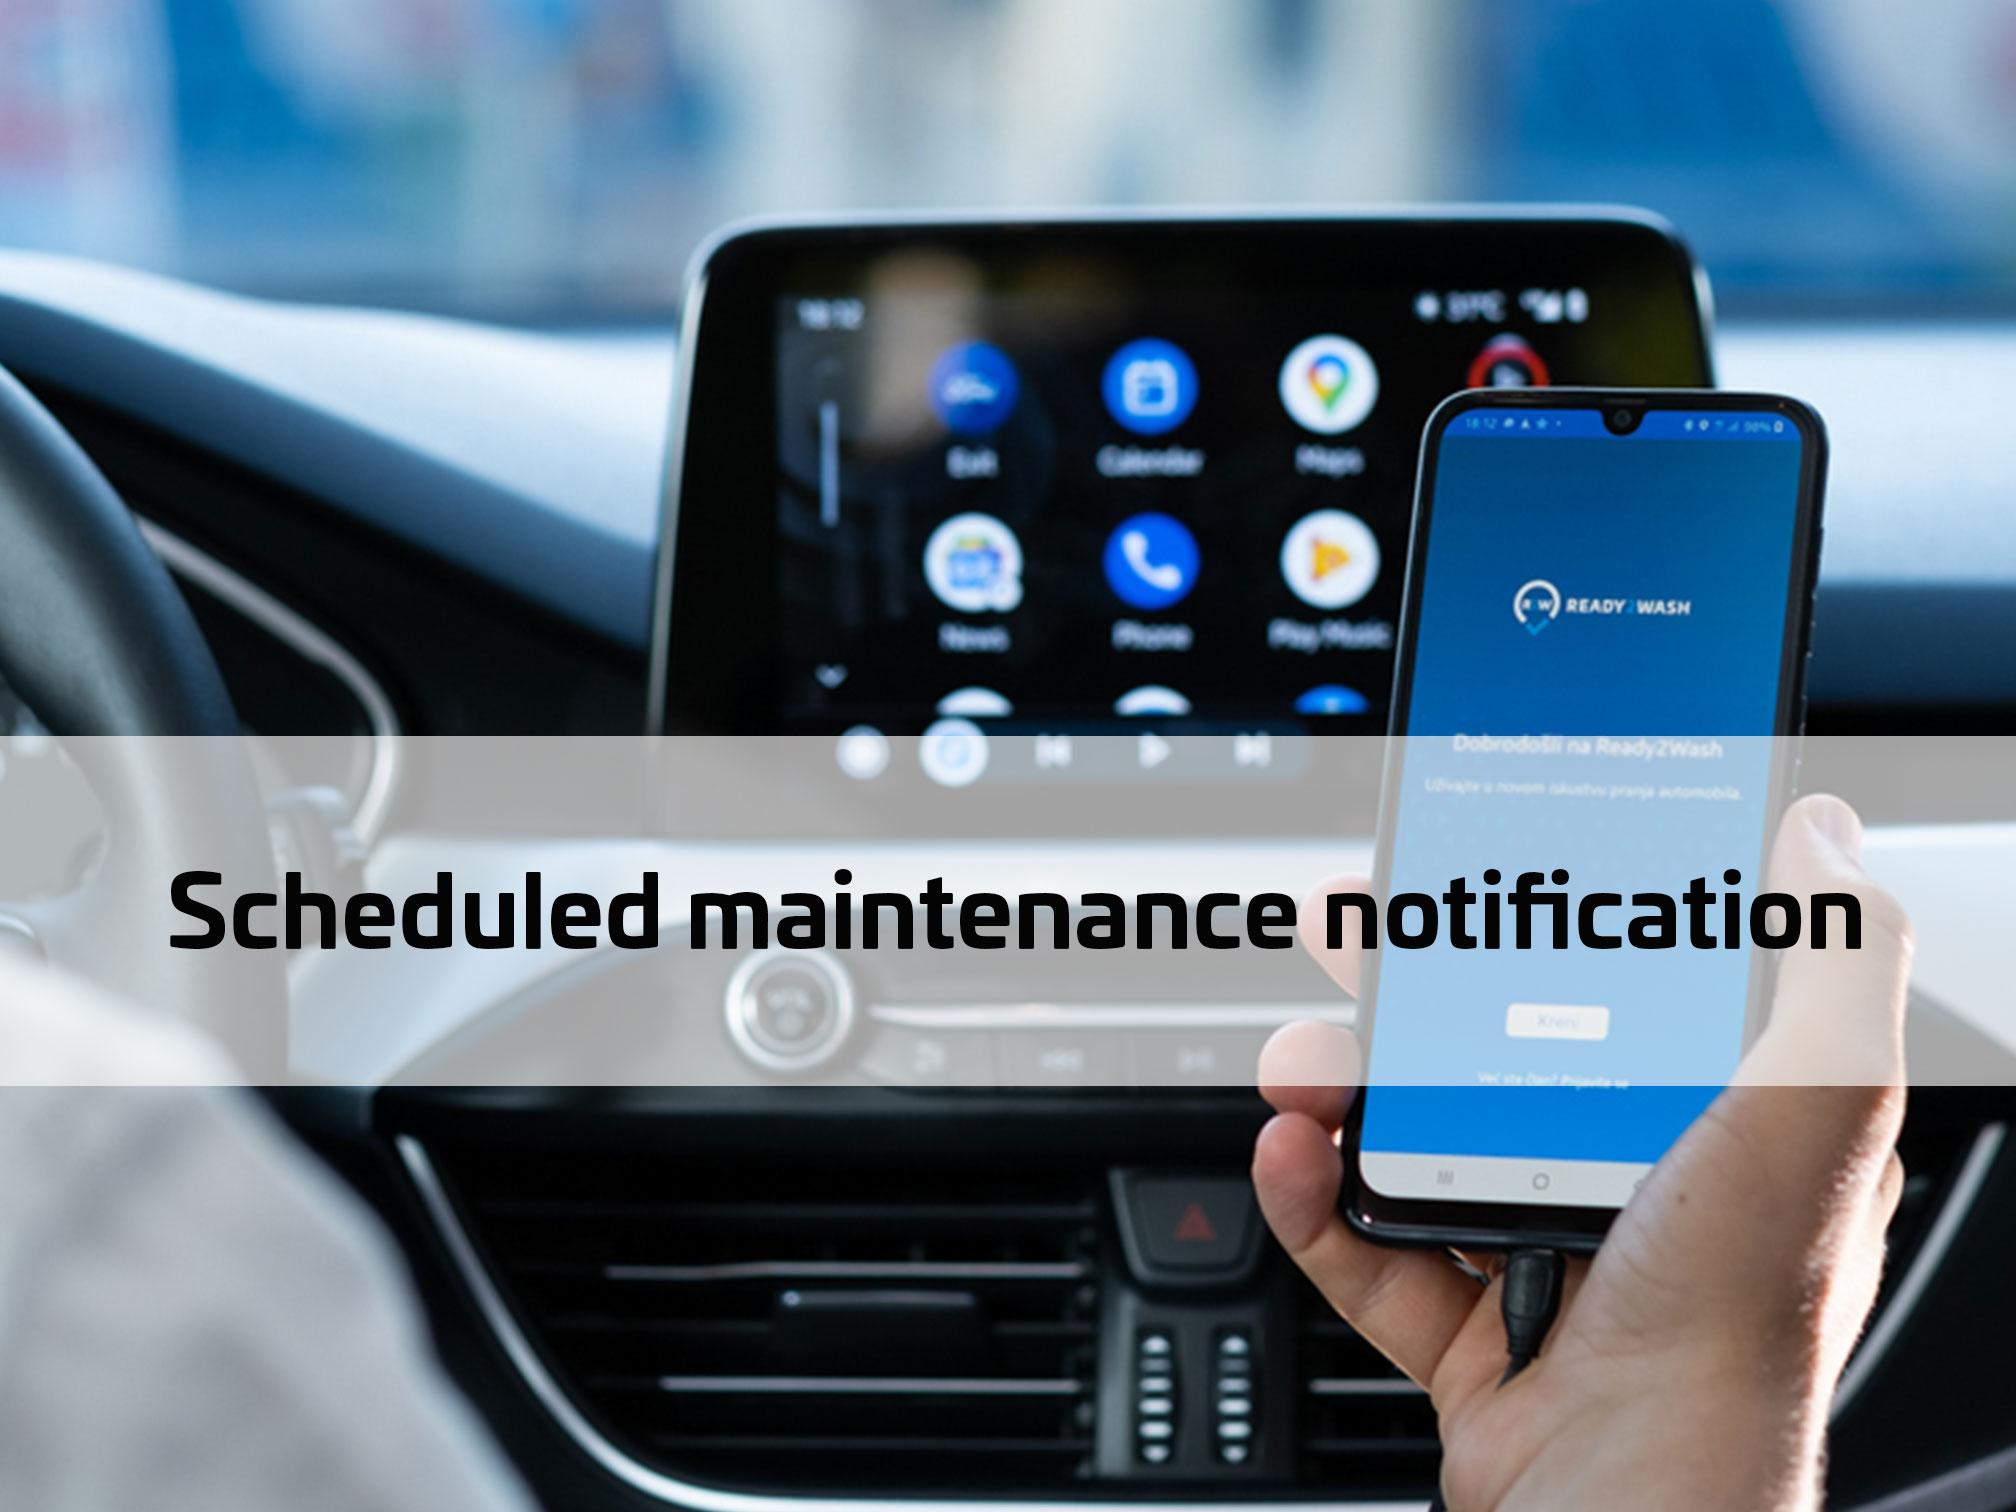 Scheduled maintenance notification